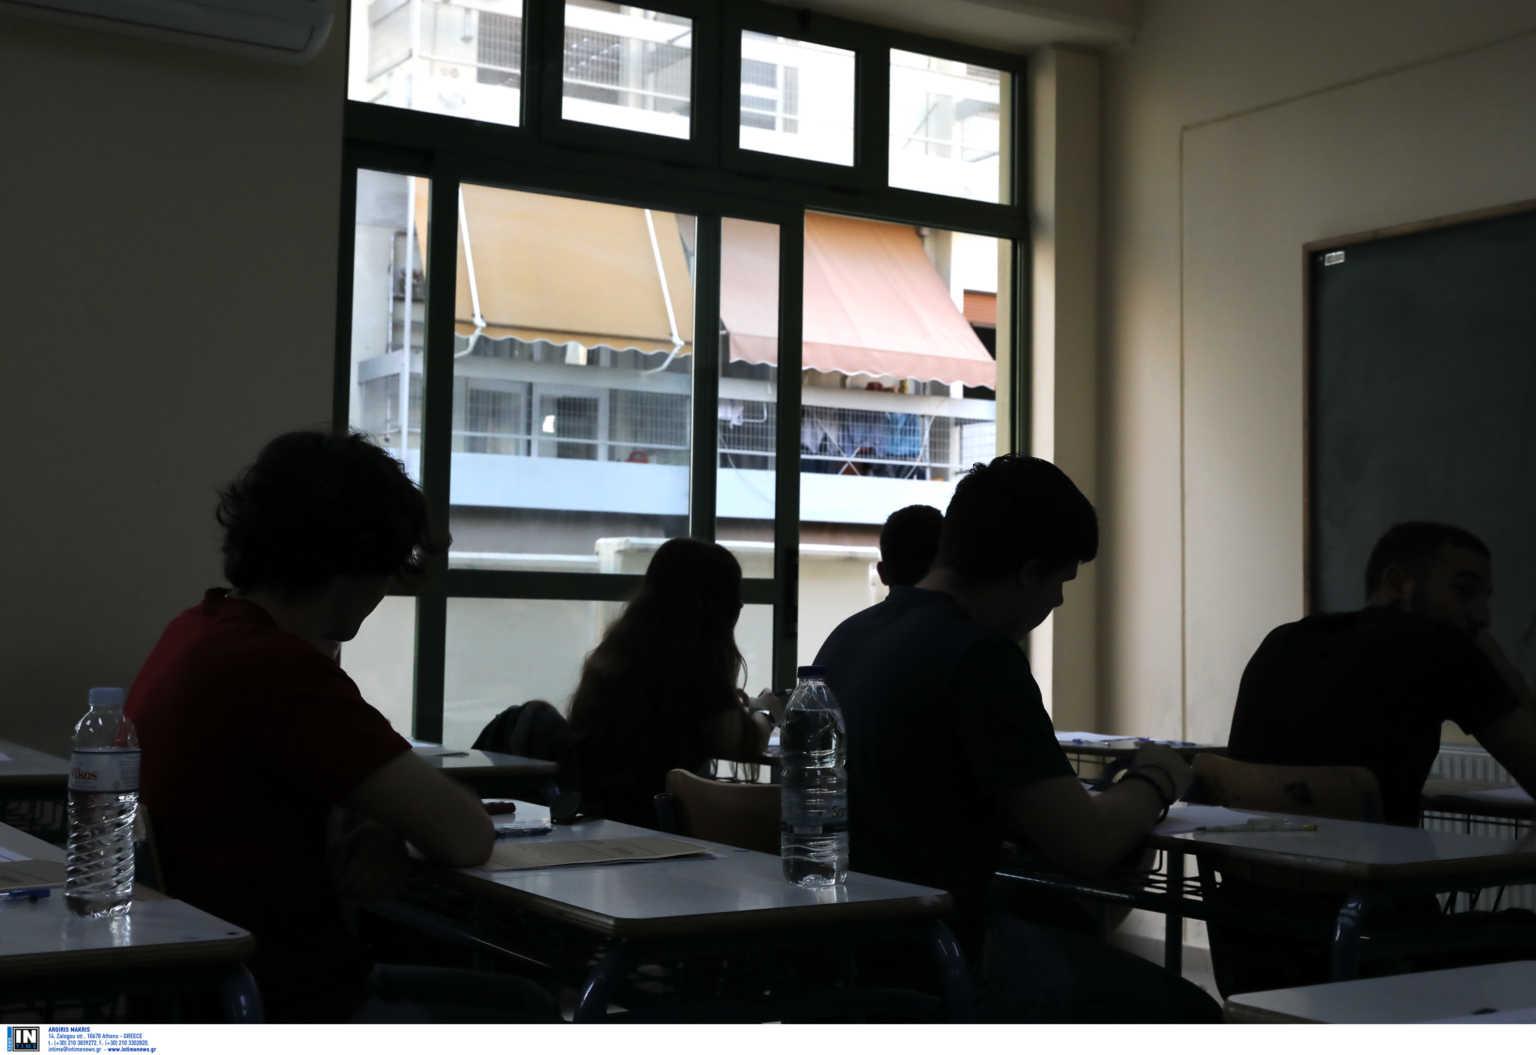 Νίκη Κεραμέως: Πότε επαναλειτοργούν τα σχολεία , τι θα γίνει με τις Παελλήνιες